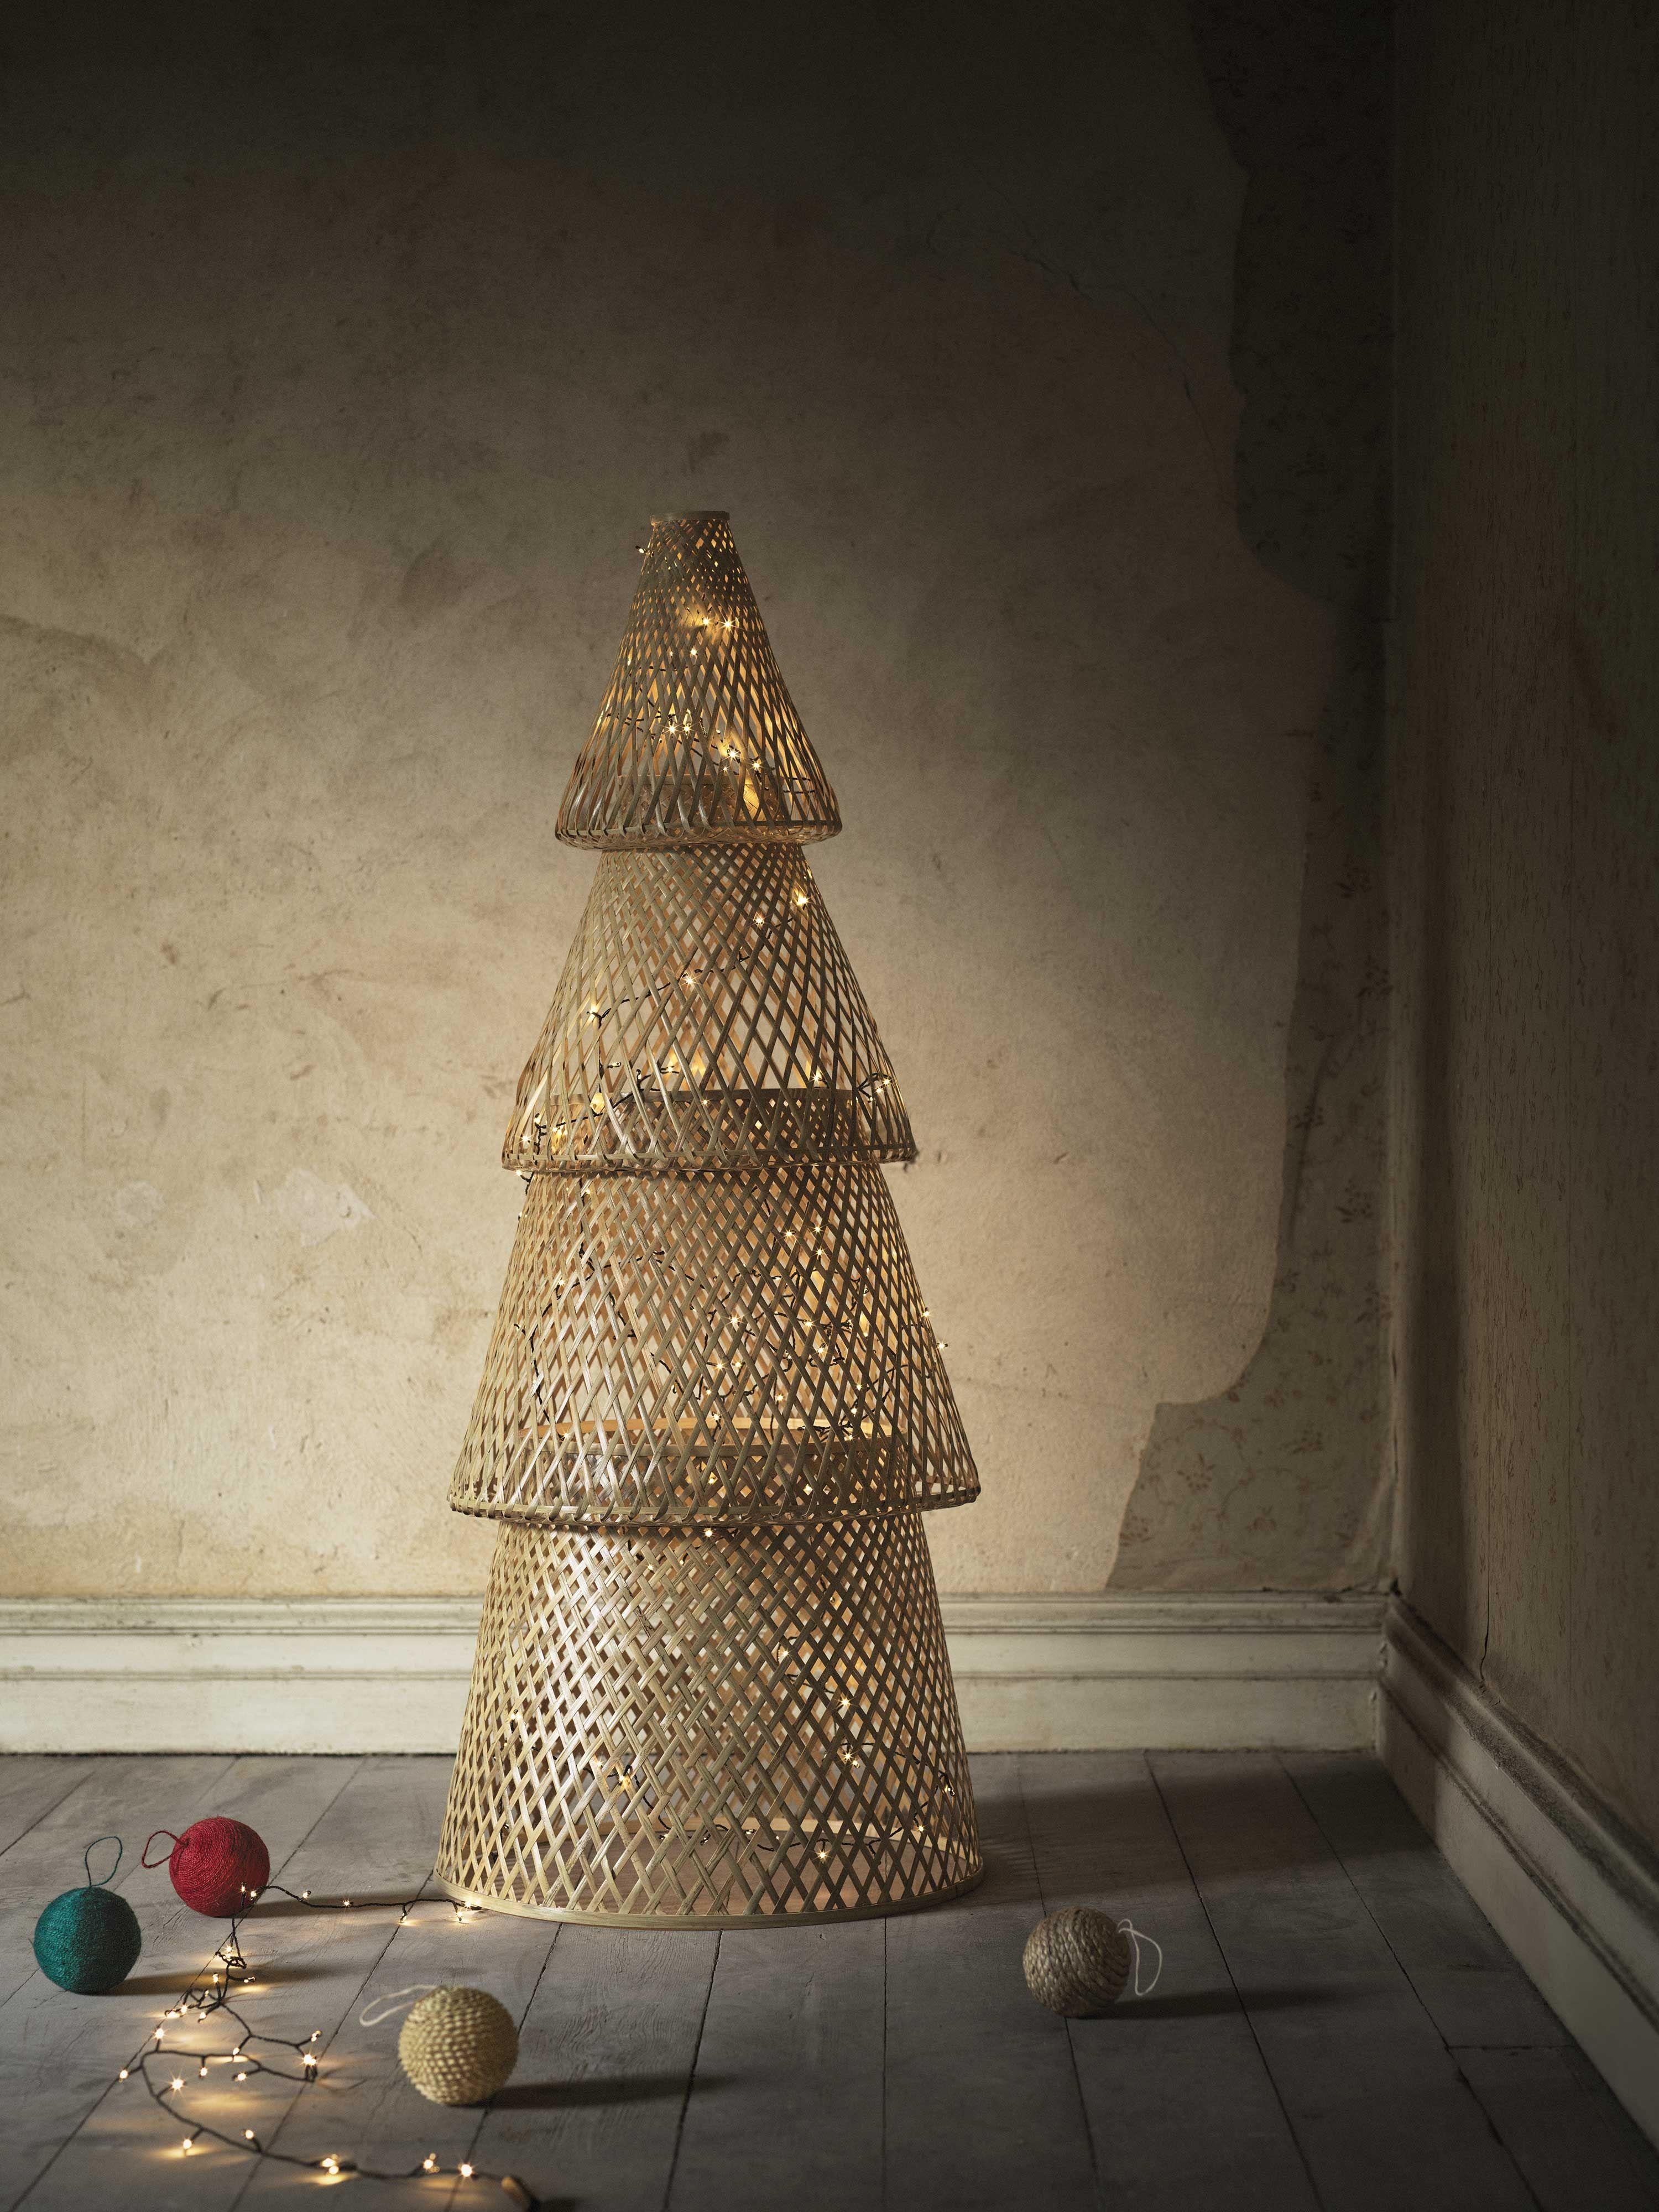 Albero Di Natale 2020.La Collezione Natale 2020 Di Ikea Dall Albero Di Natale Alle Decorazioni